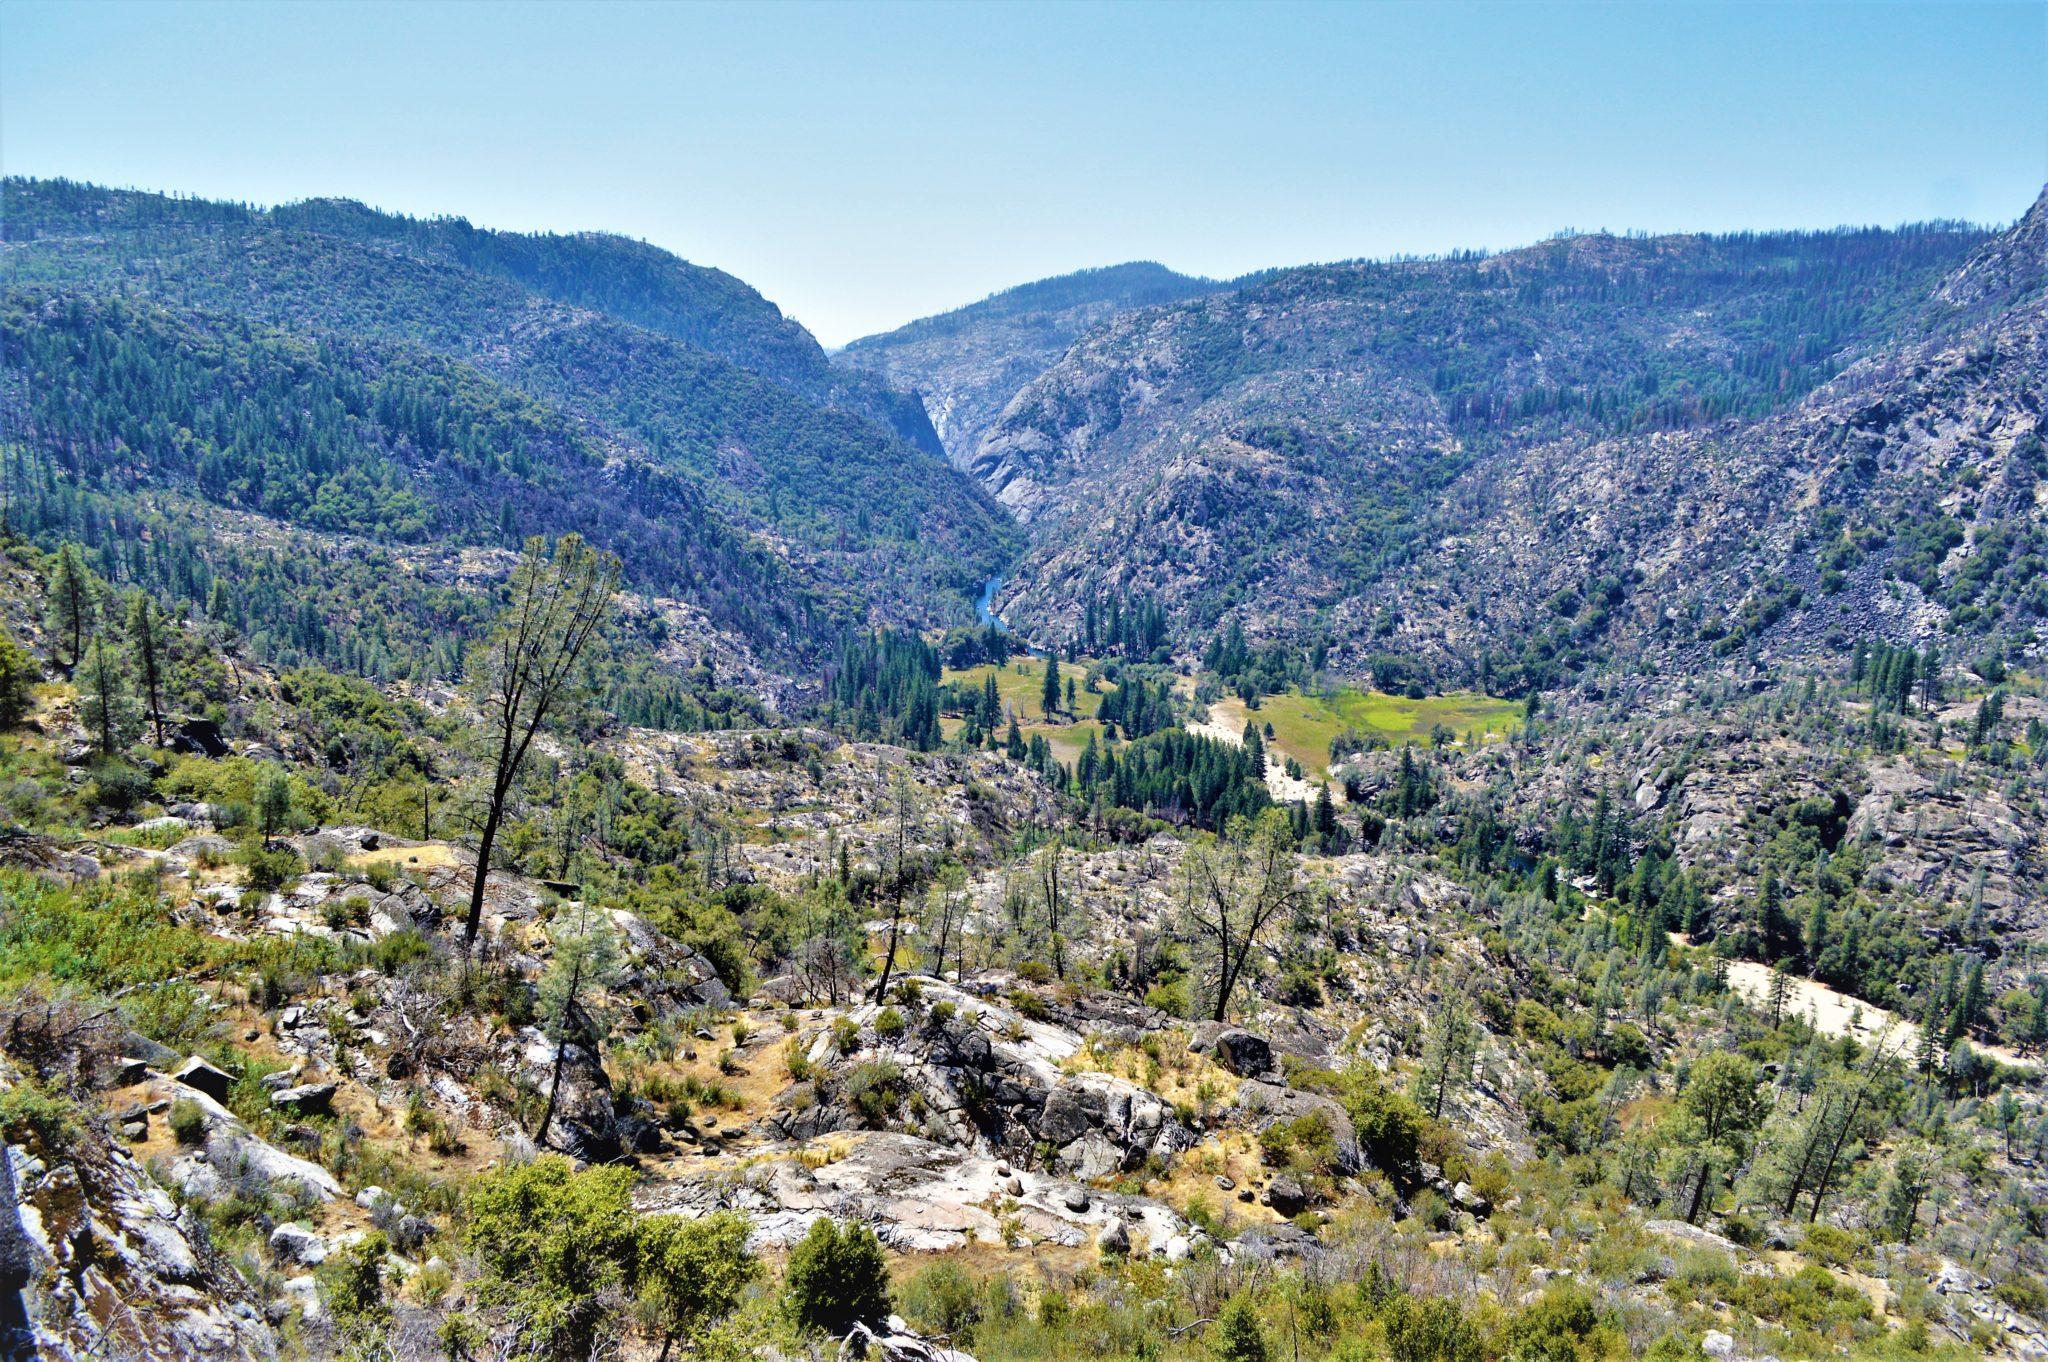 Landscape at Hetch Hetchy, Yosemite, California